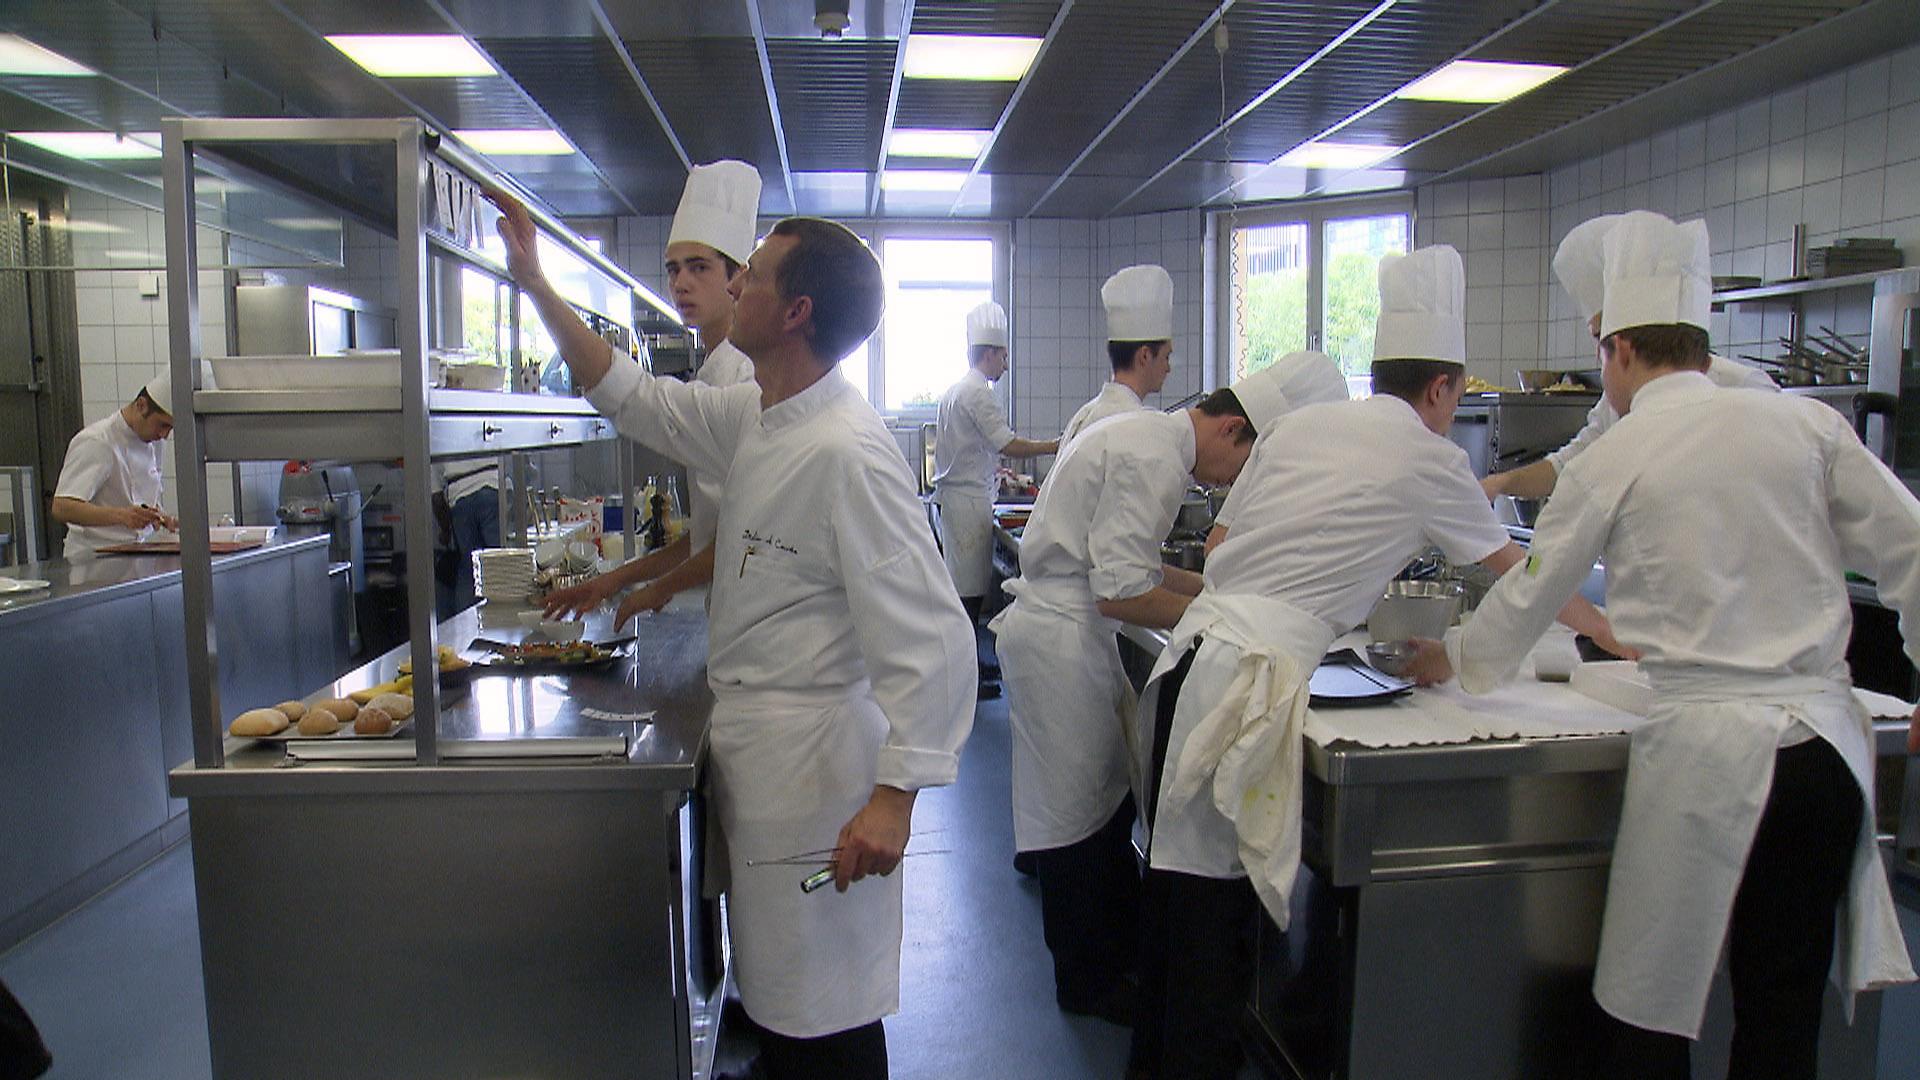 Ces chefs toqu s de cuisine ou quand excellence rime - Chef de cuisine en suisse ...